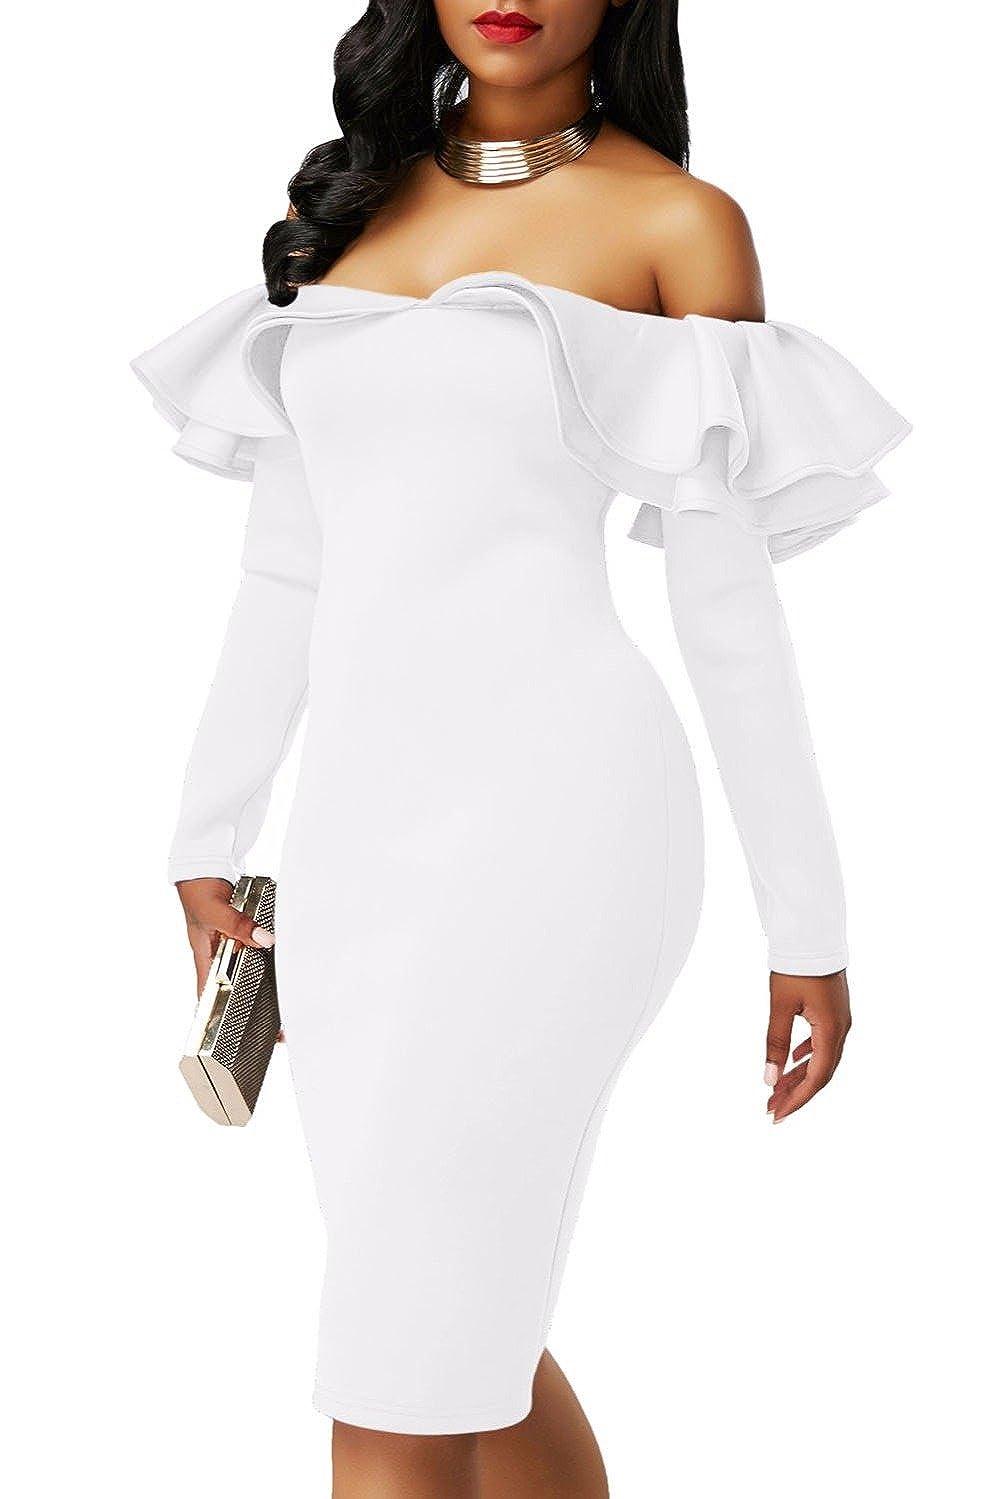 Vestidos De Mujer Ropa De Moda 2018 Fiesta Elegantes ...